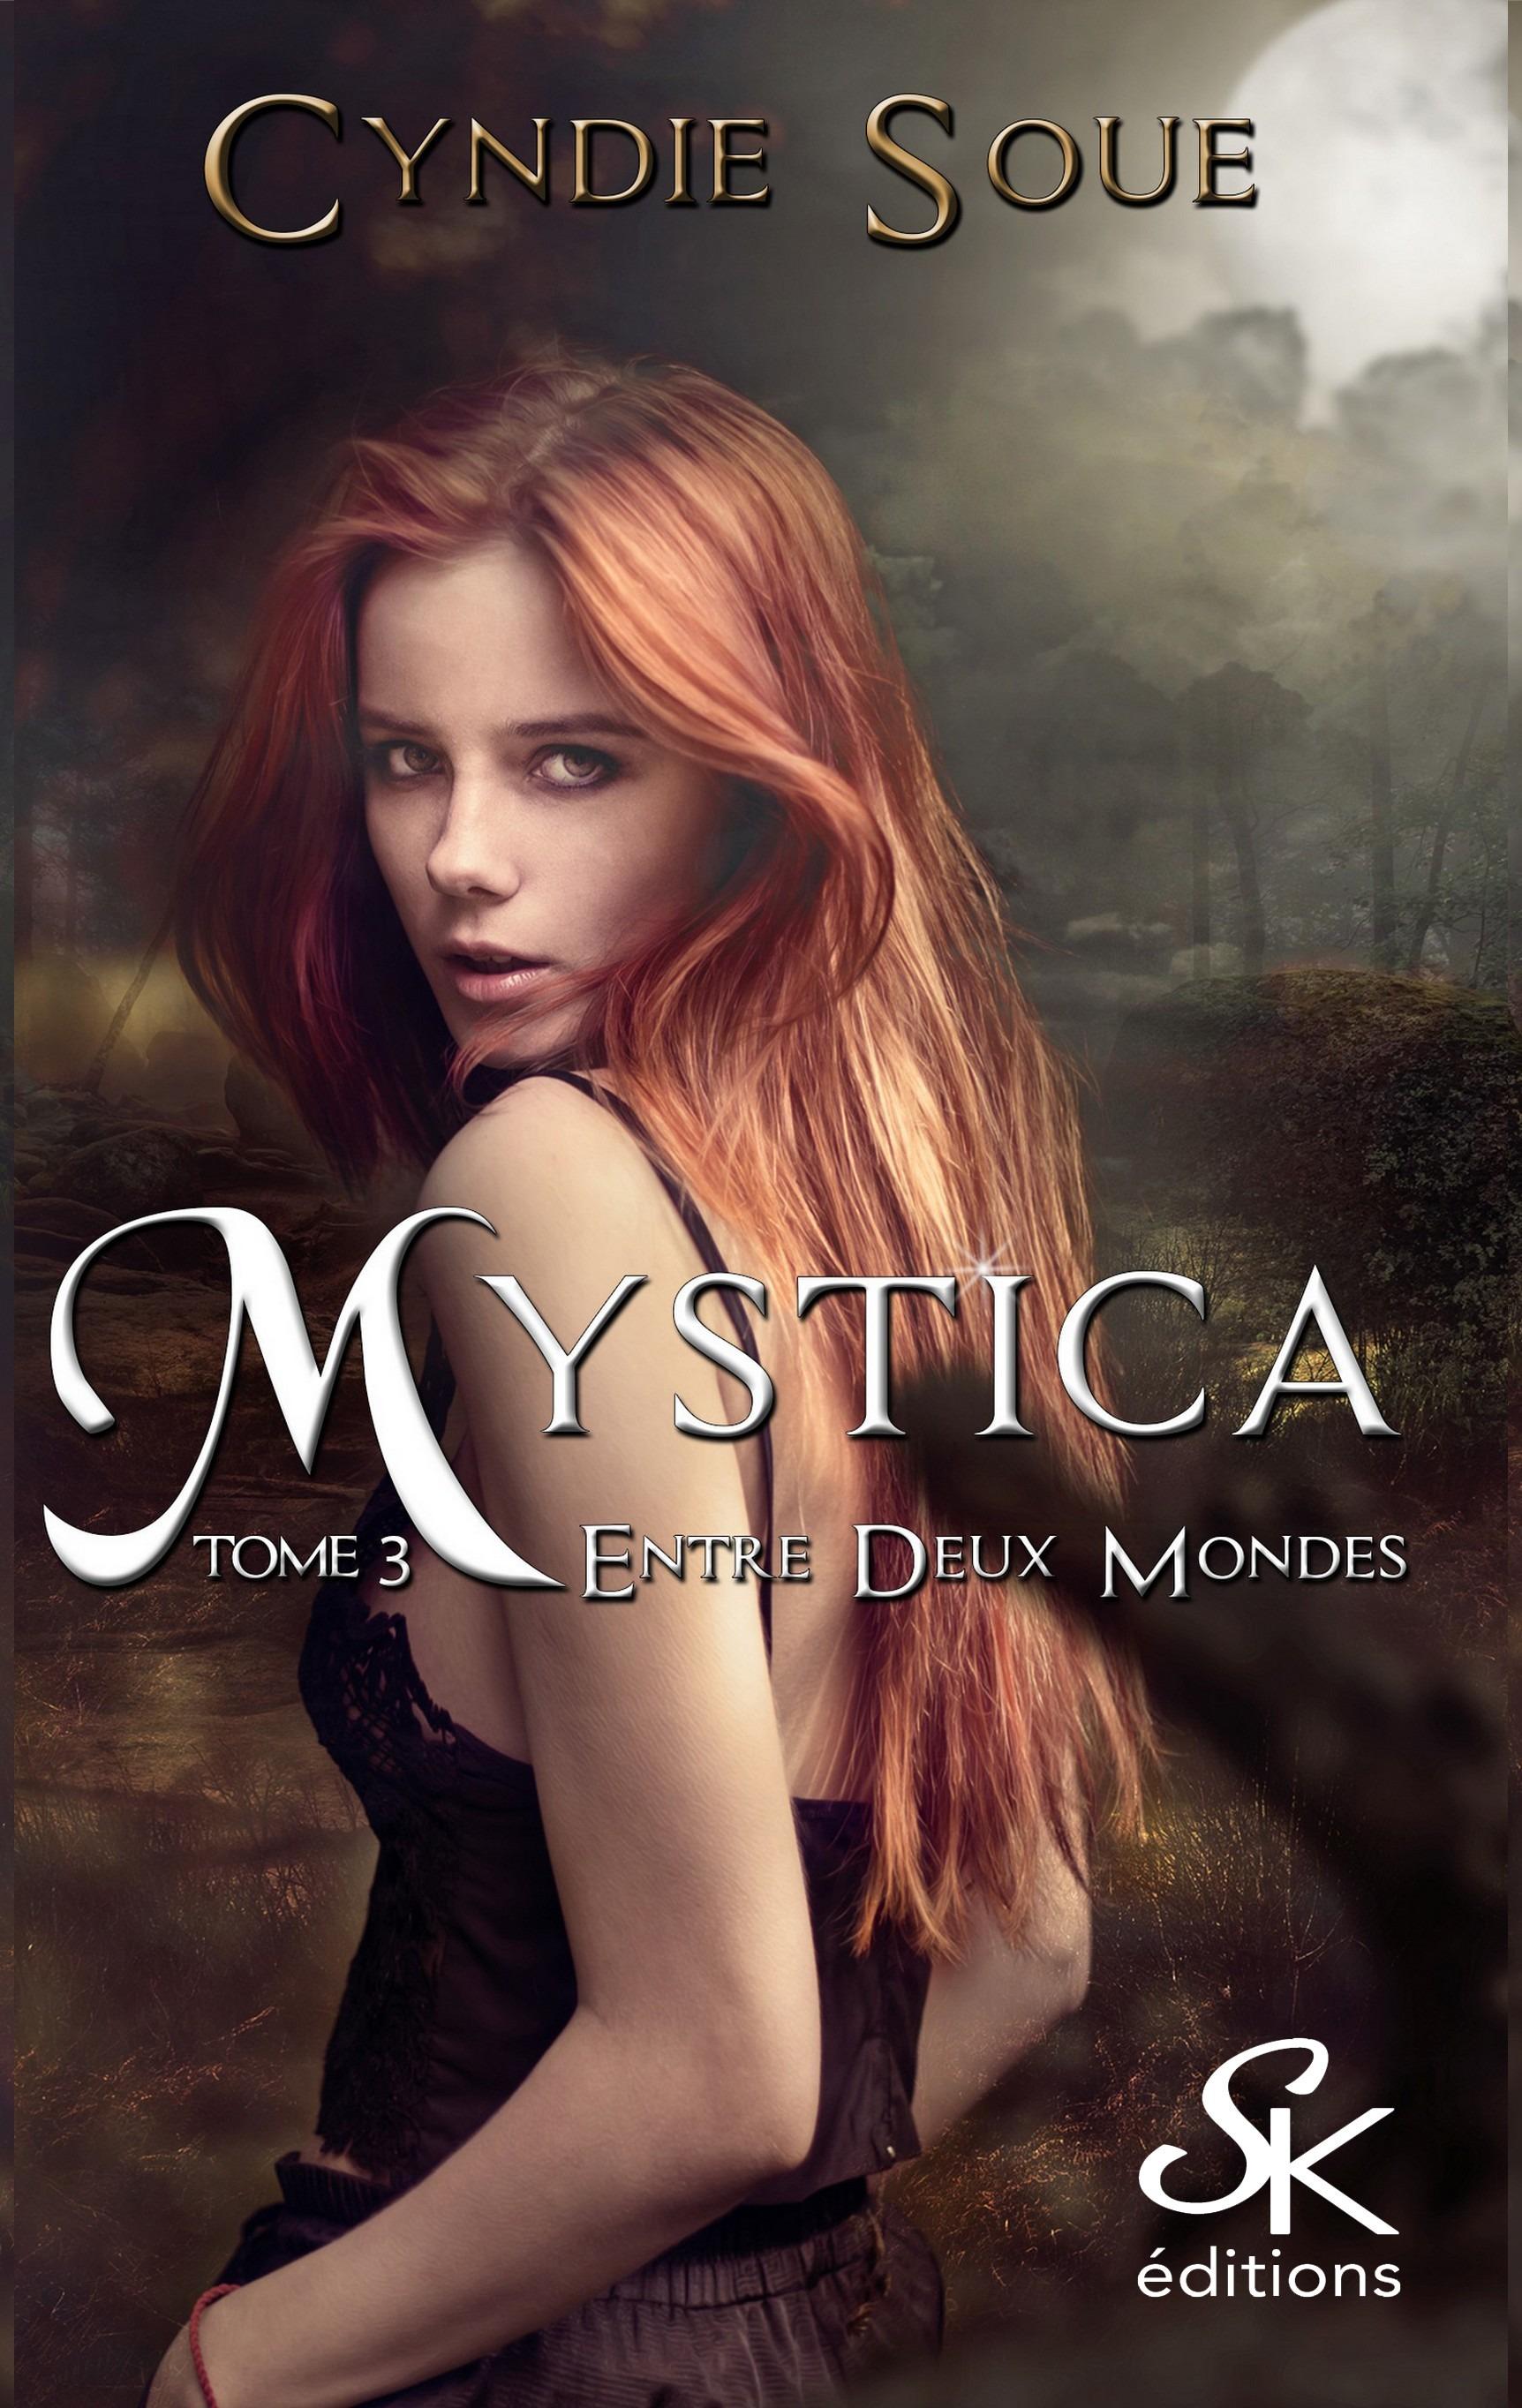 Mystica 3, ETRE DEUX MONDES